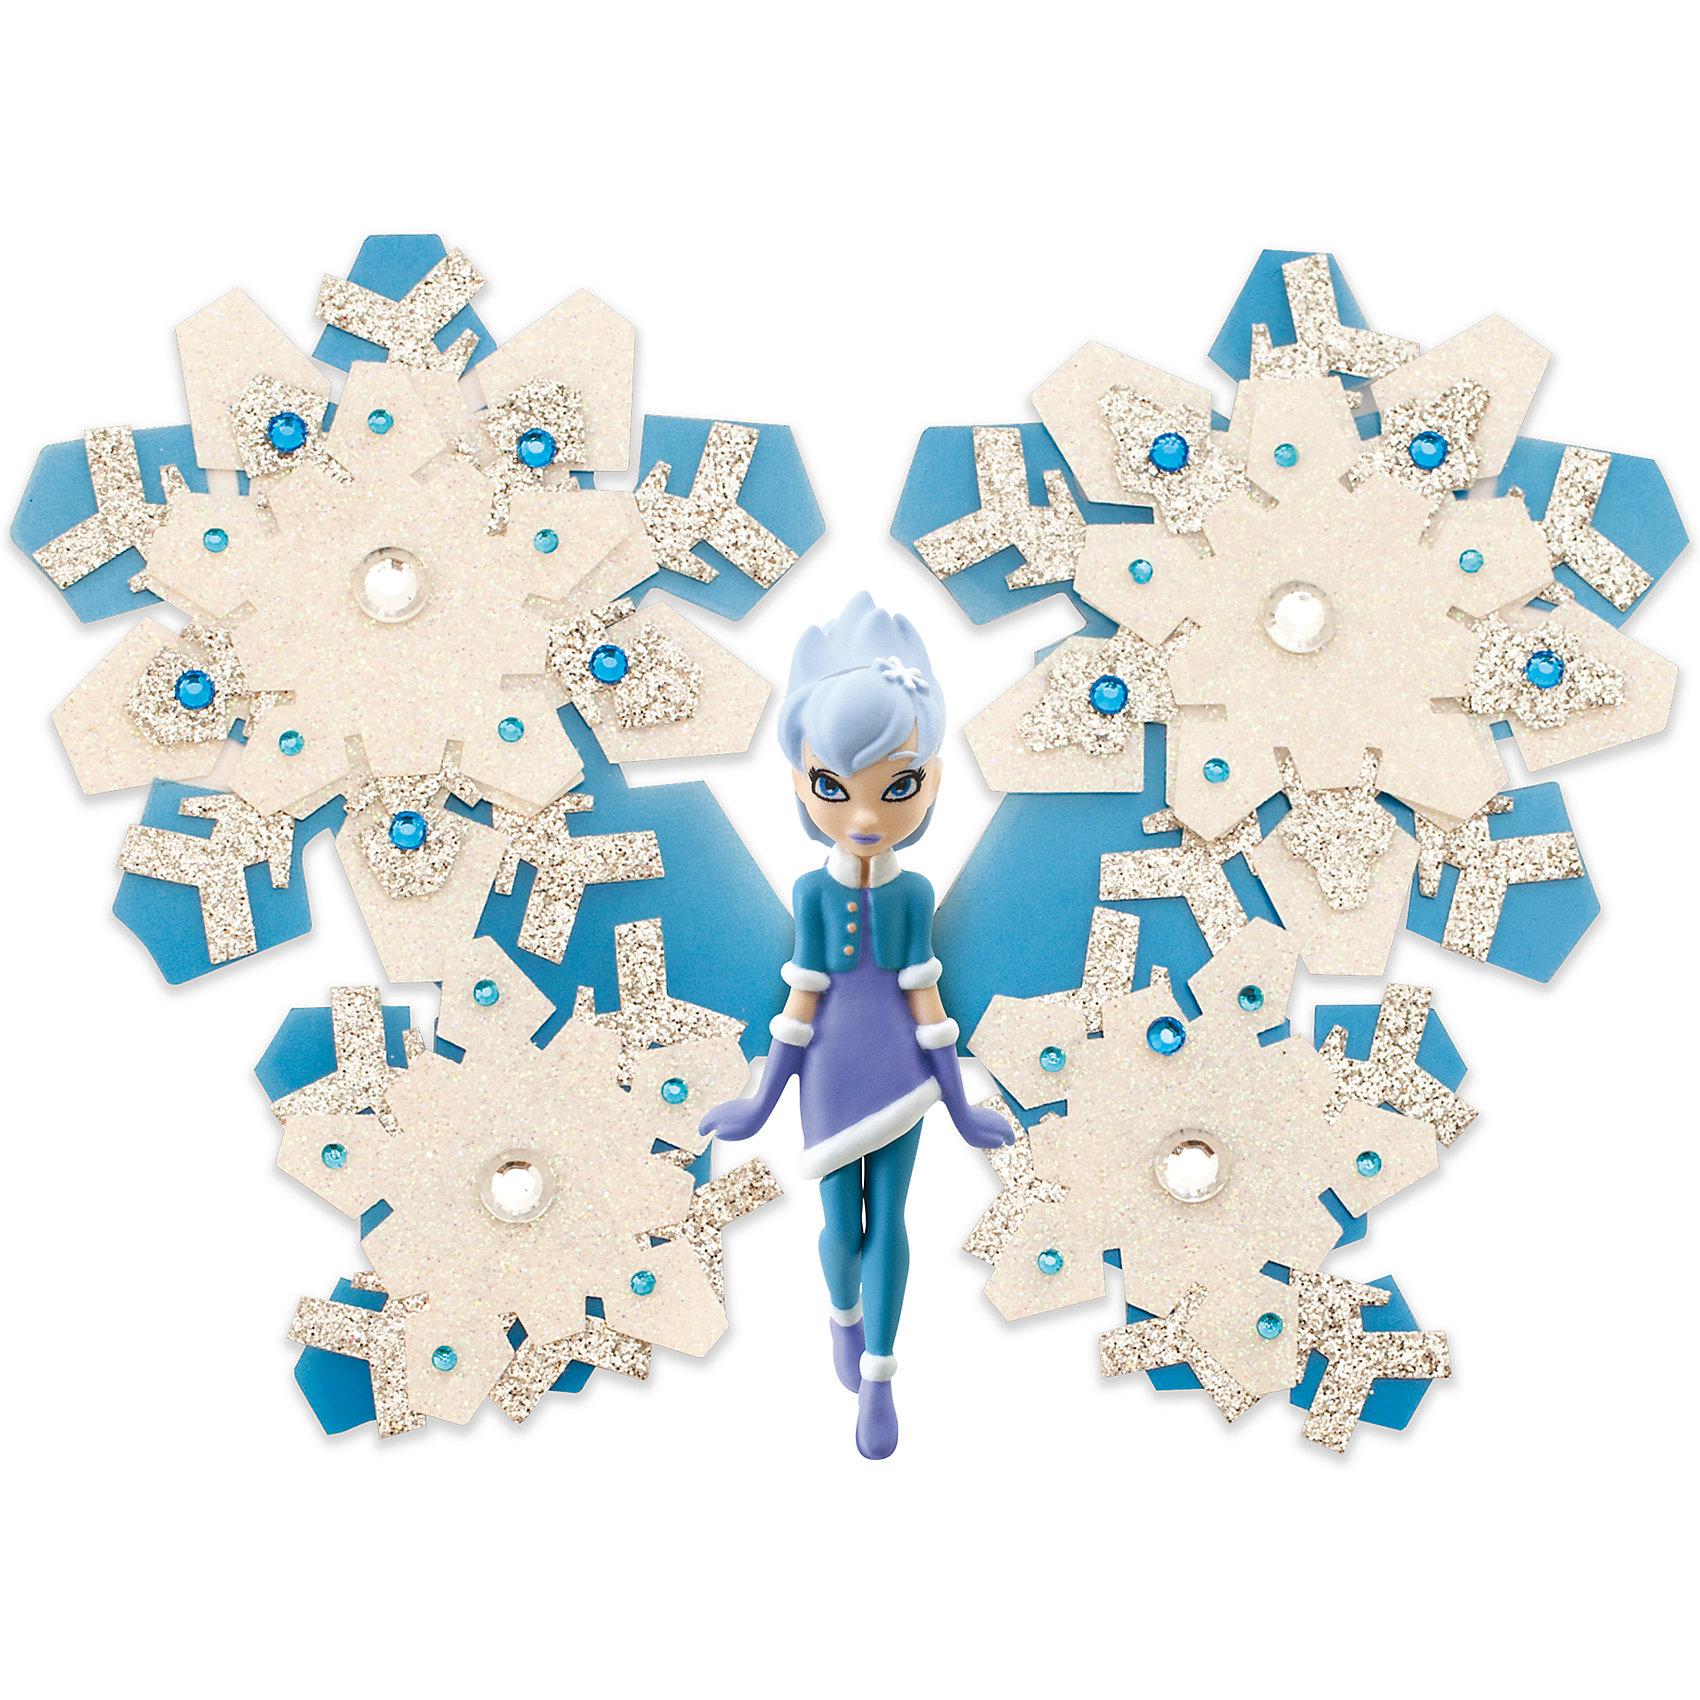 Игровой набор Фея Снежинка, Shimmer WingНаборы стилиста и дизайнера<br>Характеристики товара:<br><br>• возраст: от 5 лет;<br>• материал: пластик;<br>• в комплекте: кукла, подставка для куклы, крылья, 2 листа наклеек, лист со стразами, питомец, крылья для питомца;<br>• размер упаковки: 21х20х8 см;<br>• вес упаковки: 136 гр.;<br>• страна производитель: Китай.<br><br>Игровой набор «Фея Снежинка» Shimmer Wing включает в себя очаровательную фею Снежинку и ее питомца. Одета Снежинка в зимний наряд: голубое теплое платье, перчатки и сапожки.<br><br>Дополнят образ феи яркие крылышки, которые девочке предстоит украсить самой с помощью блестящих наклеек и страз, проявив фантазию и воображение. <br><br>Игровой набор «Фея Снежинка» Shimmer Wing можно приобрести в нашем интернет-магазине.<br><br>Ширина мм: 90<br>Глубина мм: 200<br>Высота мм: 210<br>Вес г: 141<br>Возраст от месяцев: 60<br>Возраст до месяцев: 2147483647<br>Пол: Женский<br>Возраст: Детский<br>SKU: 5478832